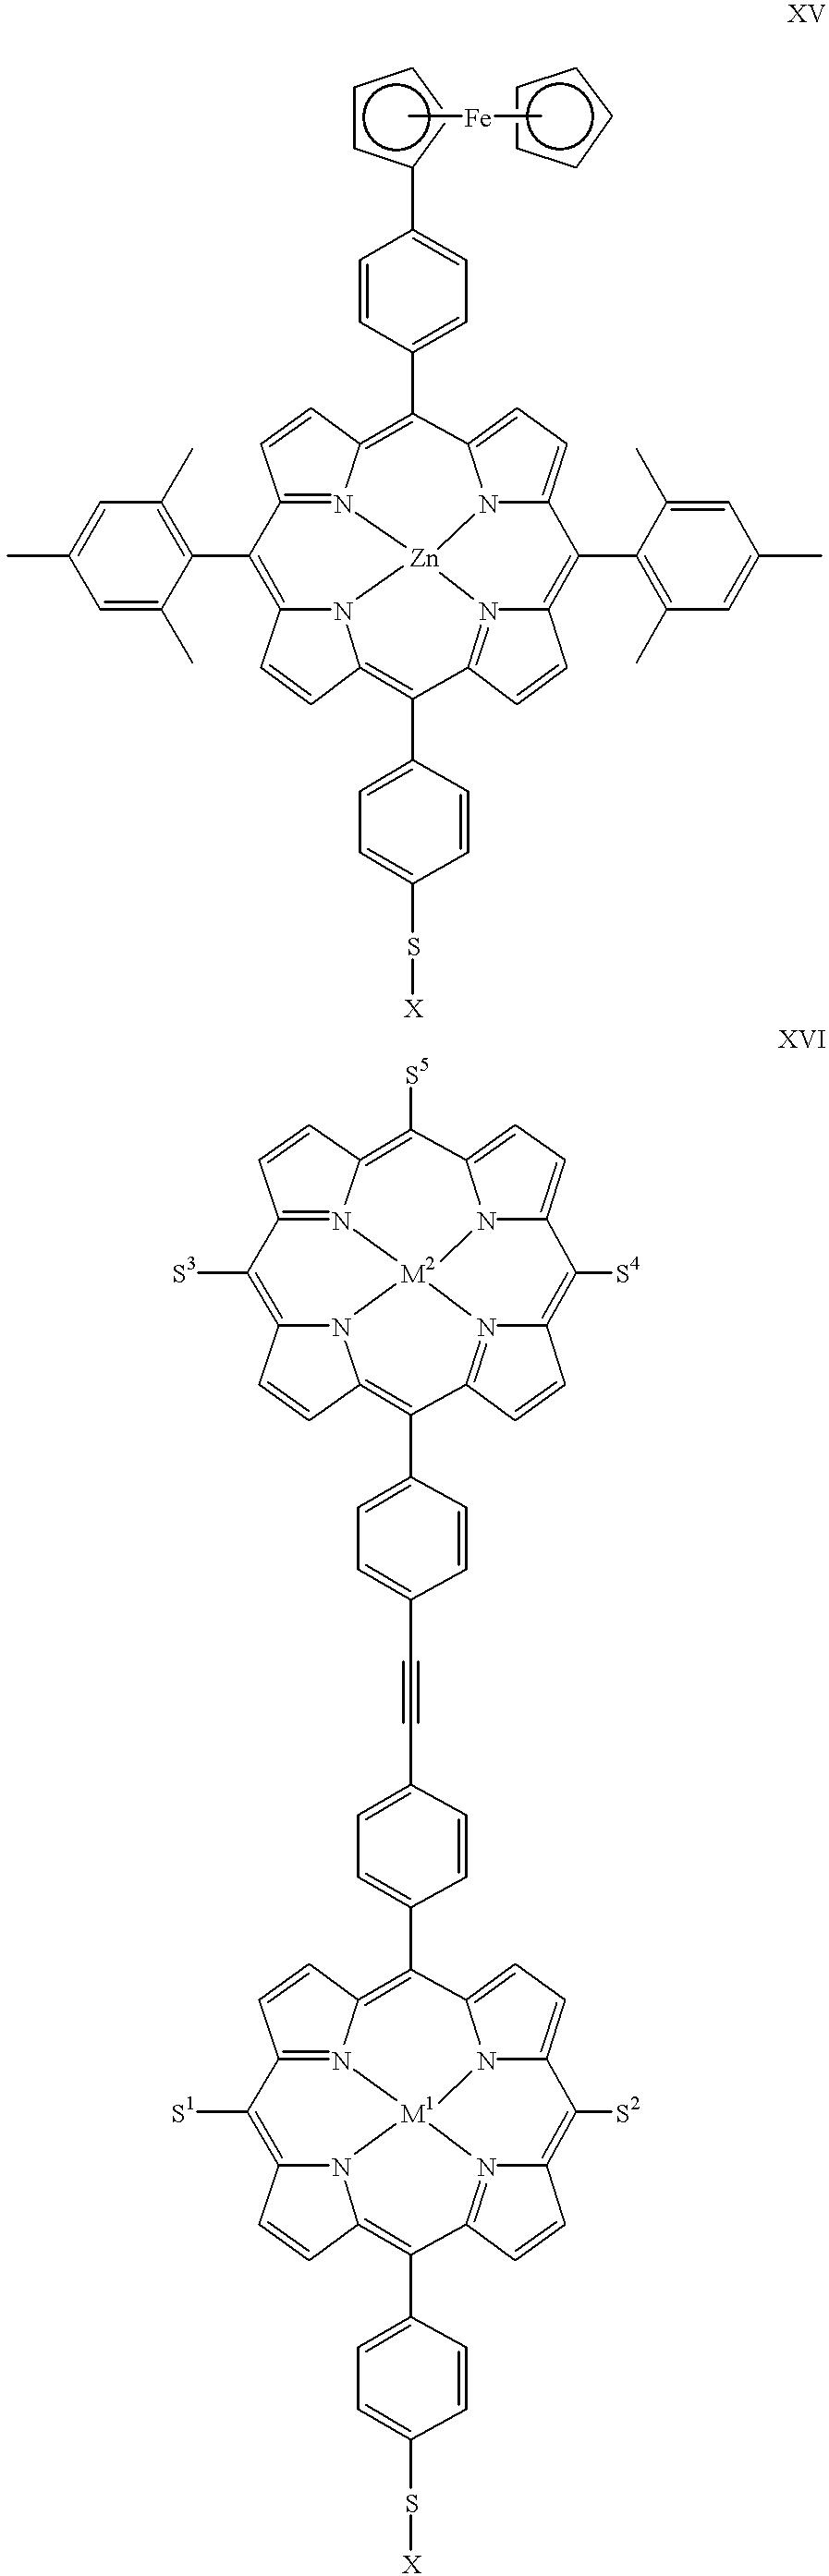 Figure US06381169-20020430-C00008